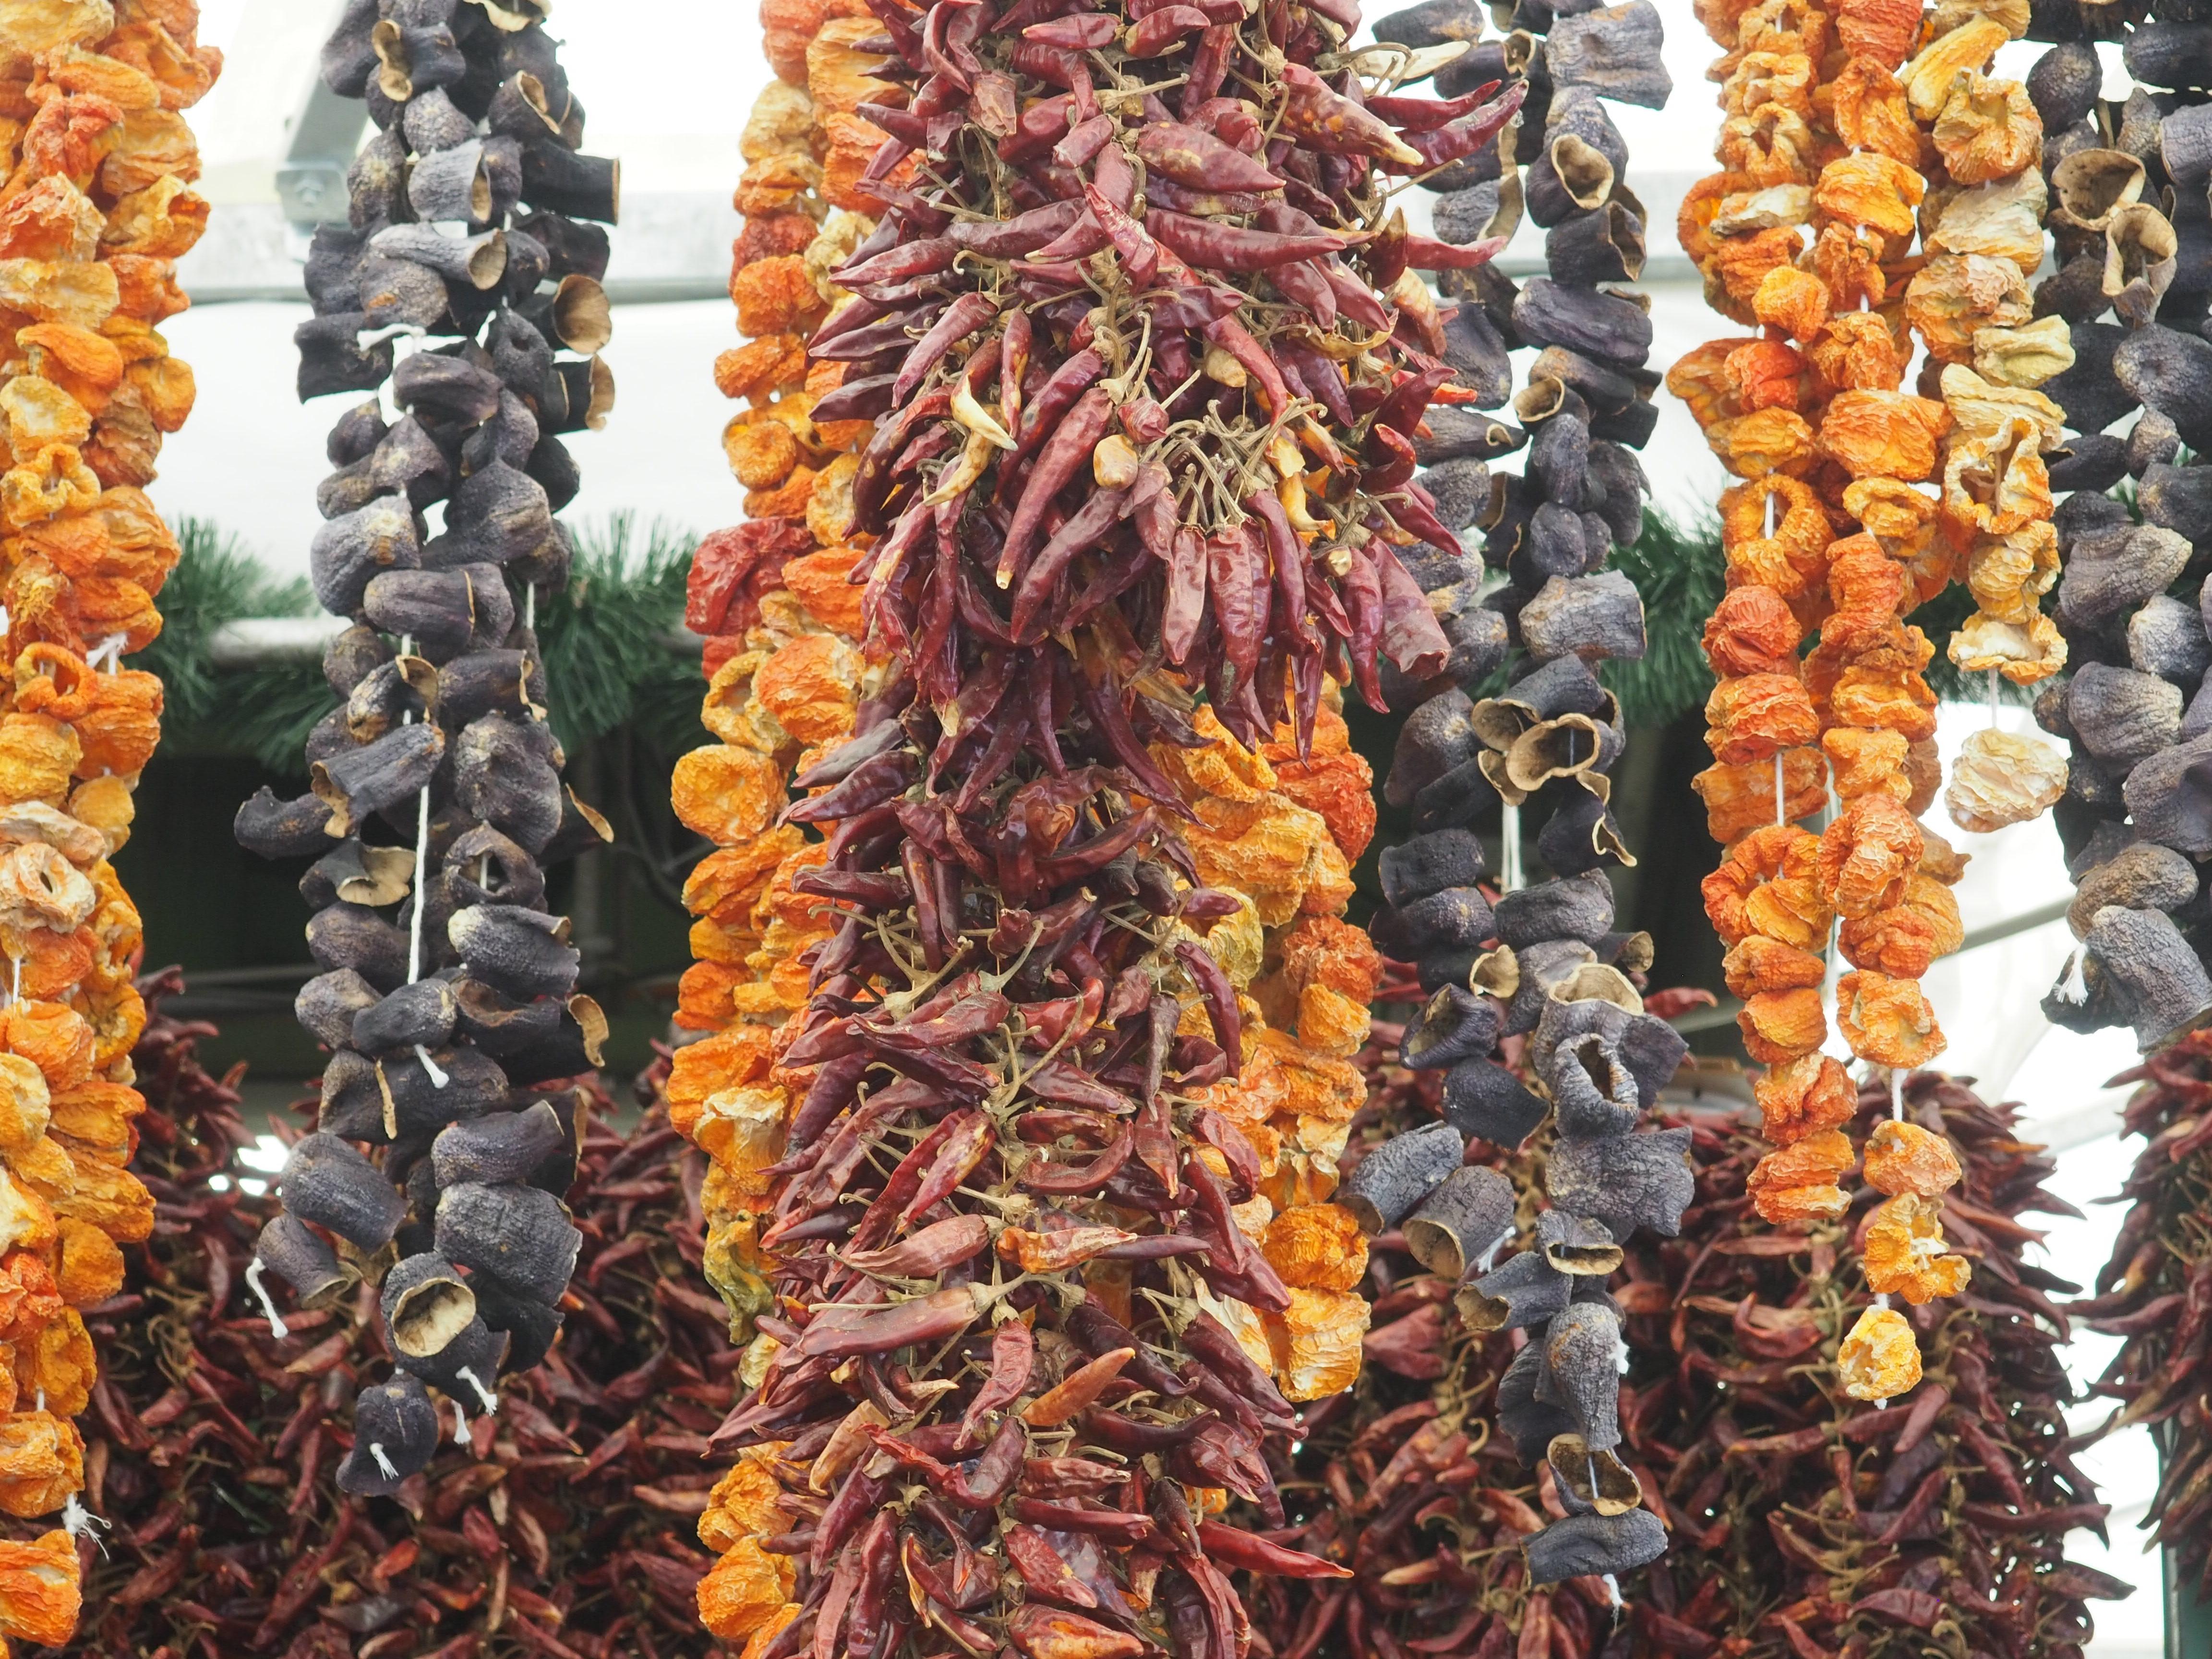 Ich liebe Lebensmittelmärkte! Hier Impressionen vom Viktualienmarkt in München.